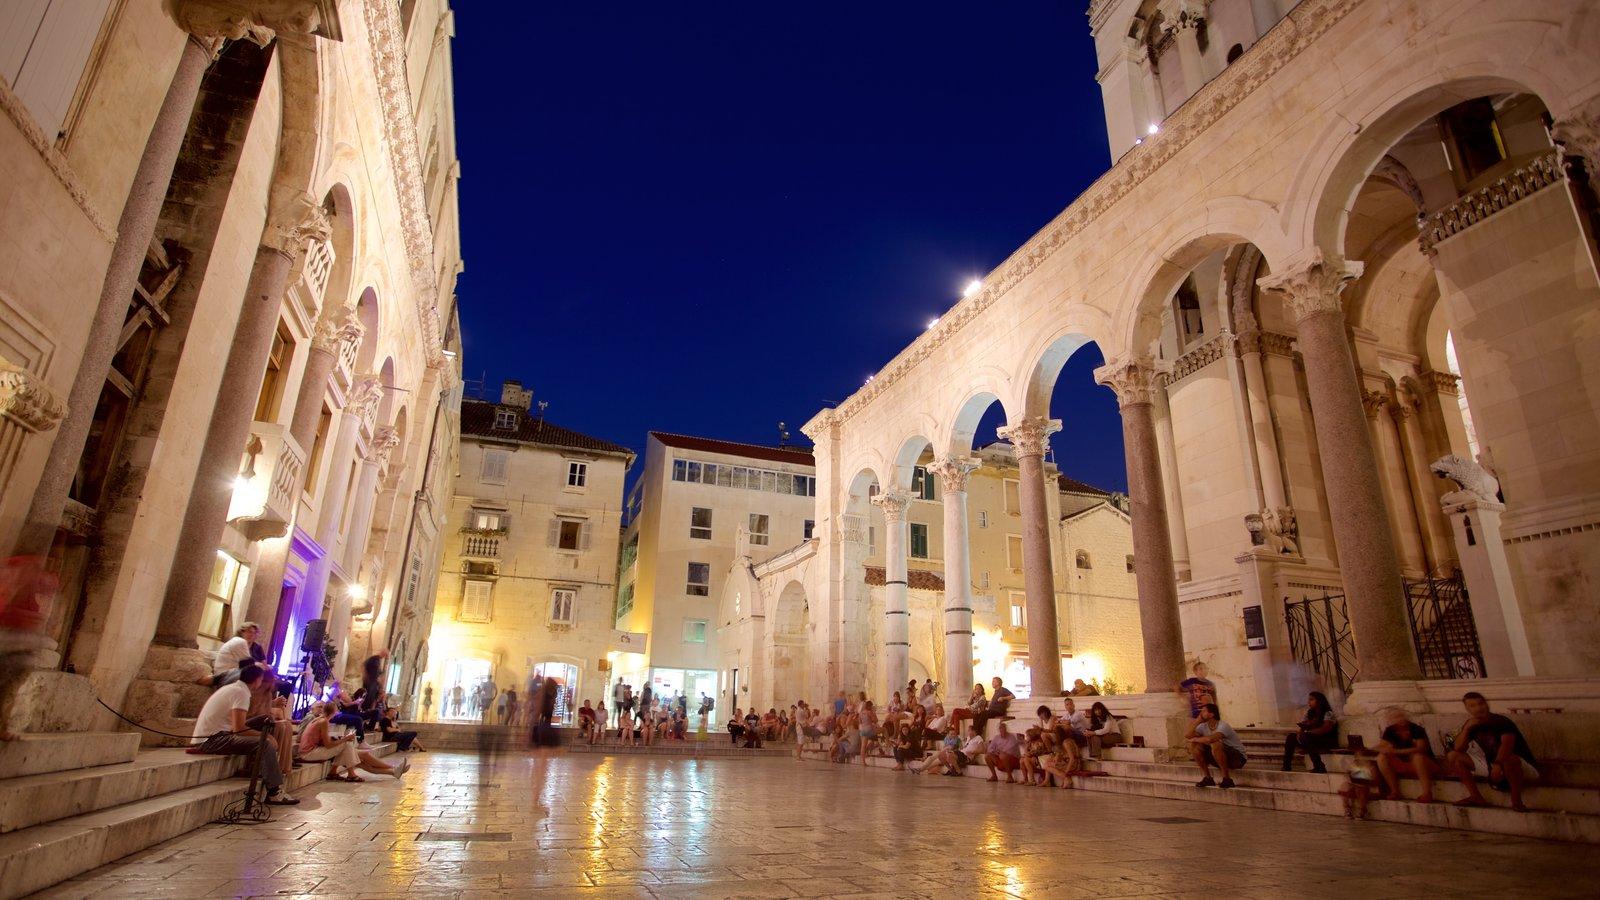 Palacio de Diocleciano ofreciendo un parque o plaza y escenas nocturnas